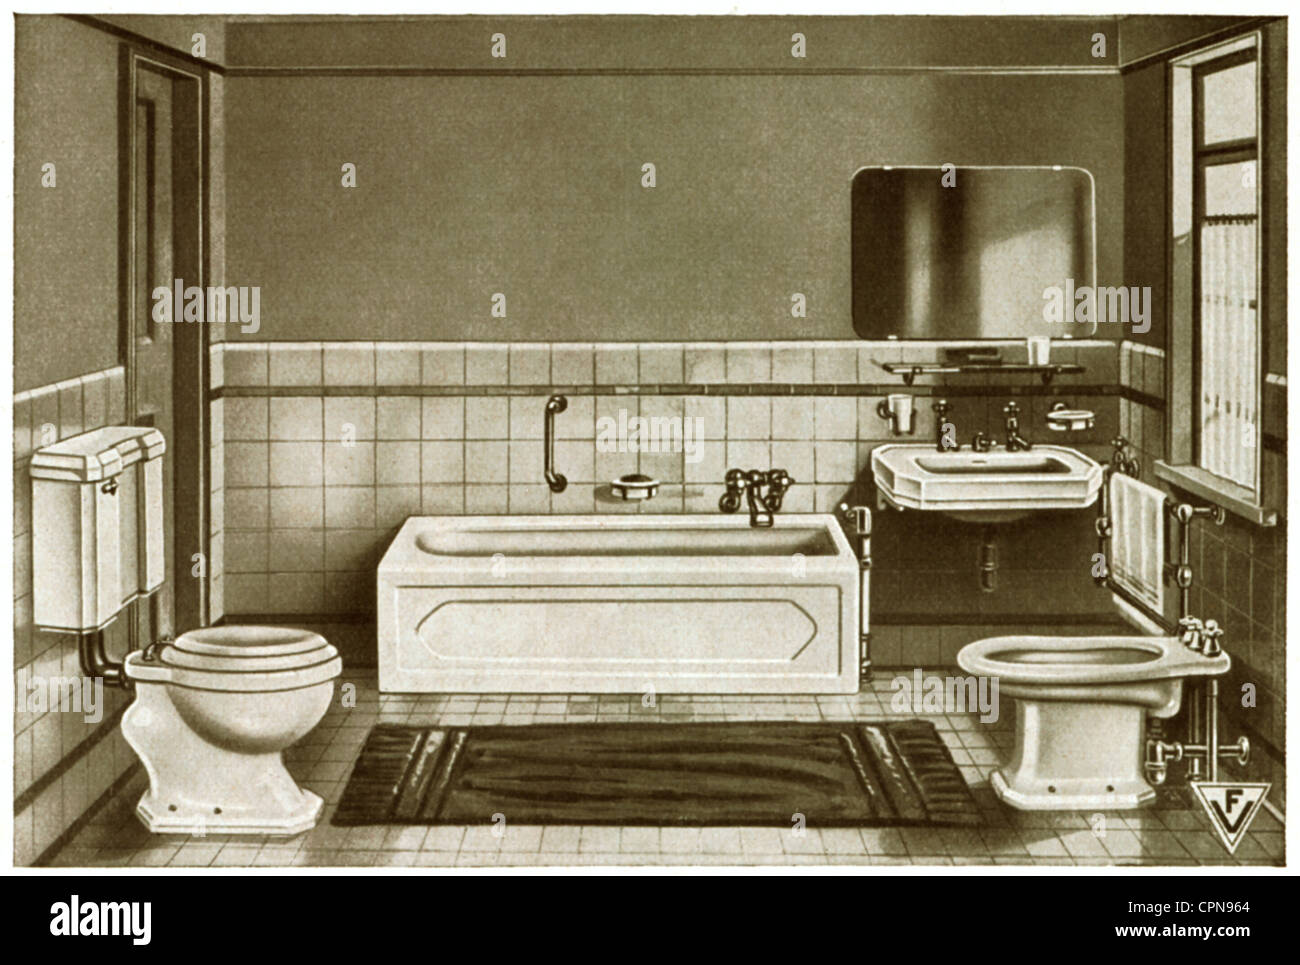 Mobel Badezimmer Komplett Eingerichtet In Einer Probe Ausstellung